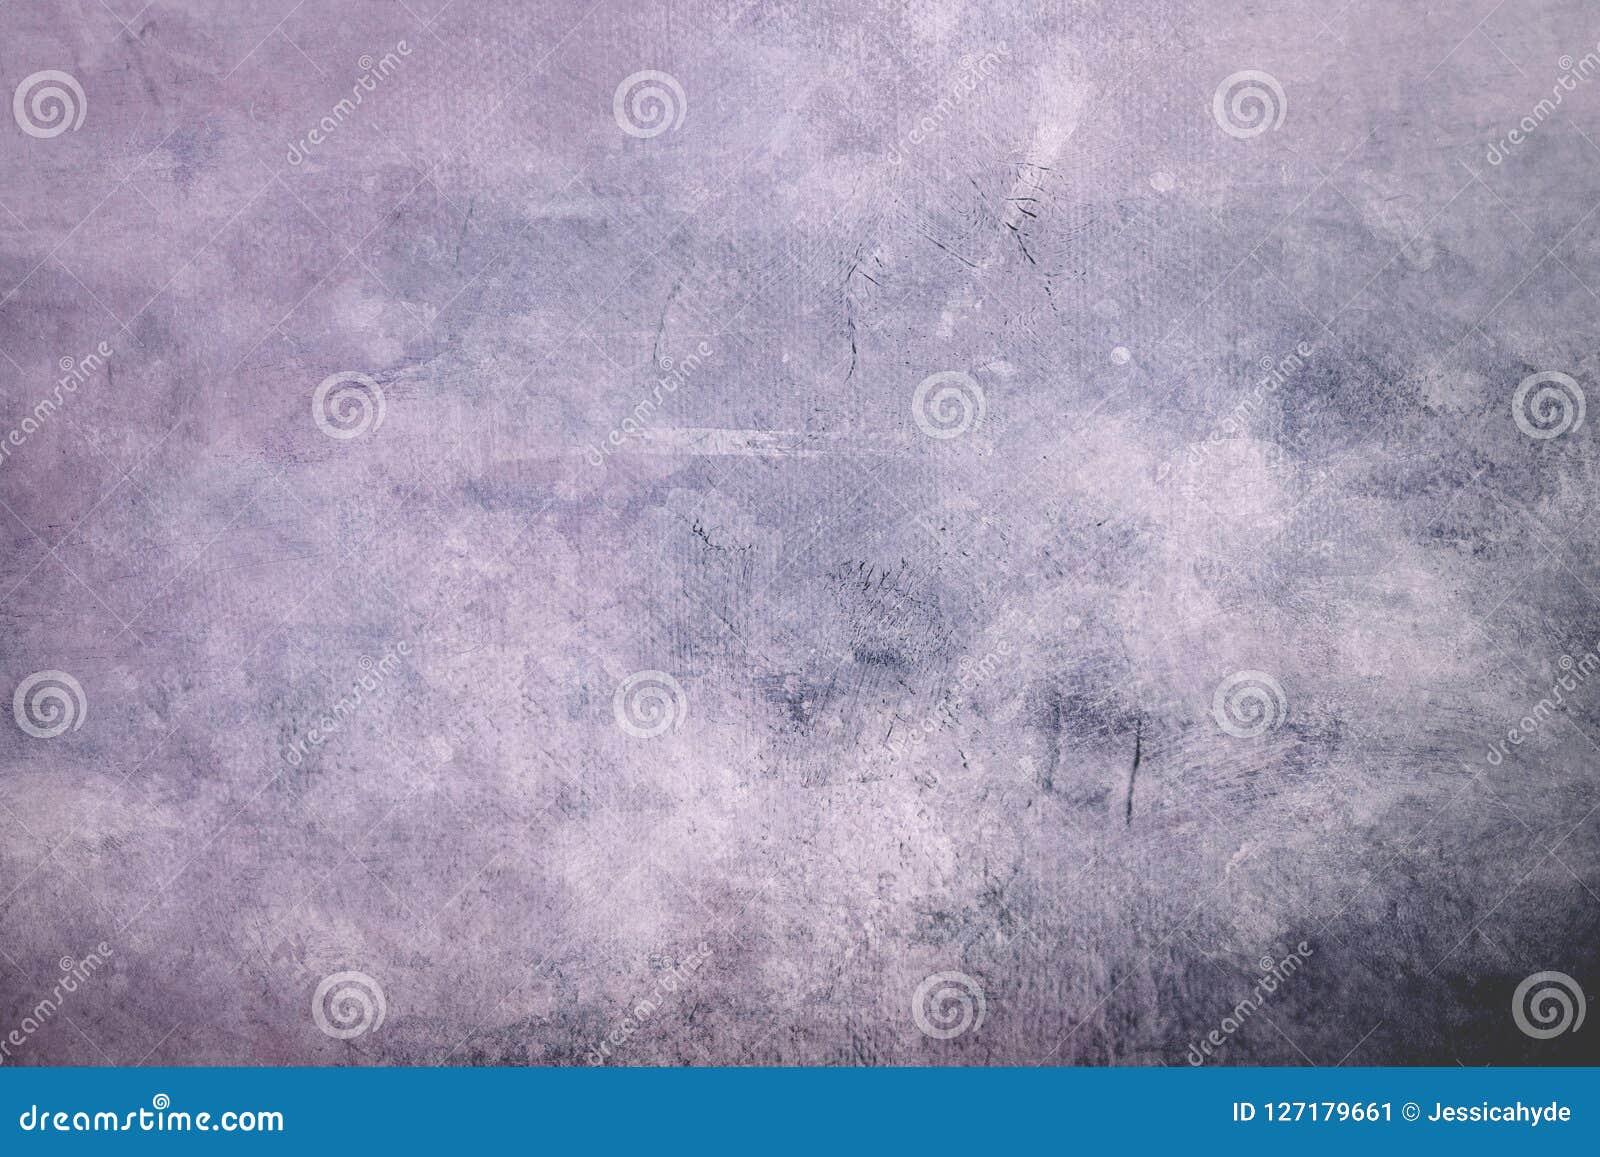 Fondo o textura sucio púrpura pálido de la lona con el vignett oscuro